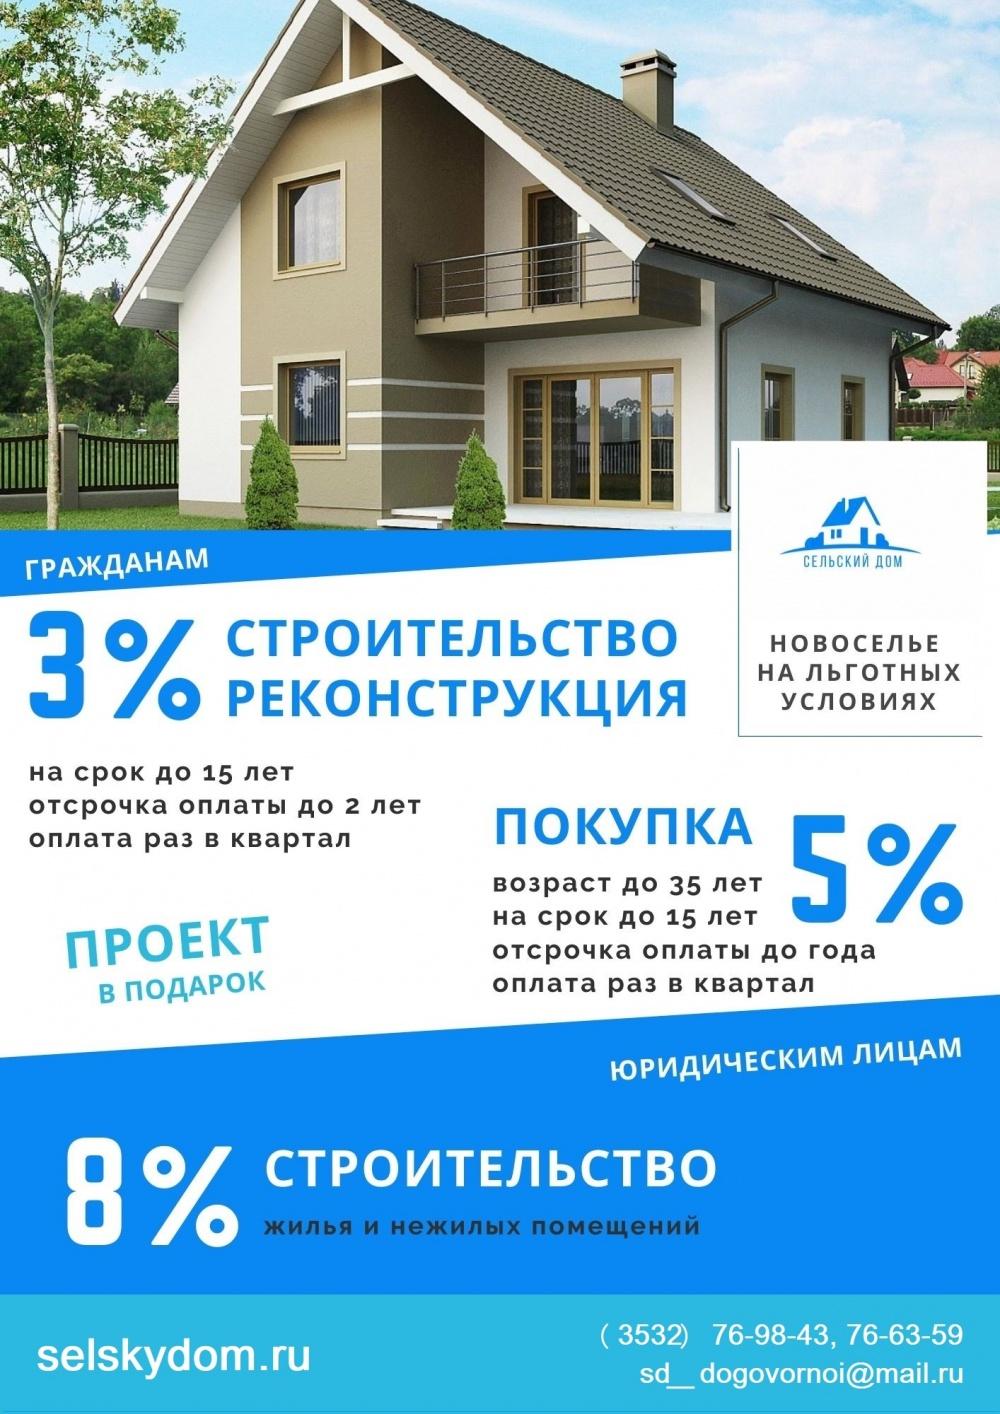 Сельский дом»: новый уровень комфорта на льготных условиях